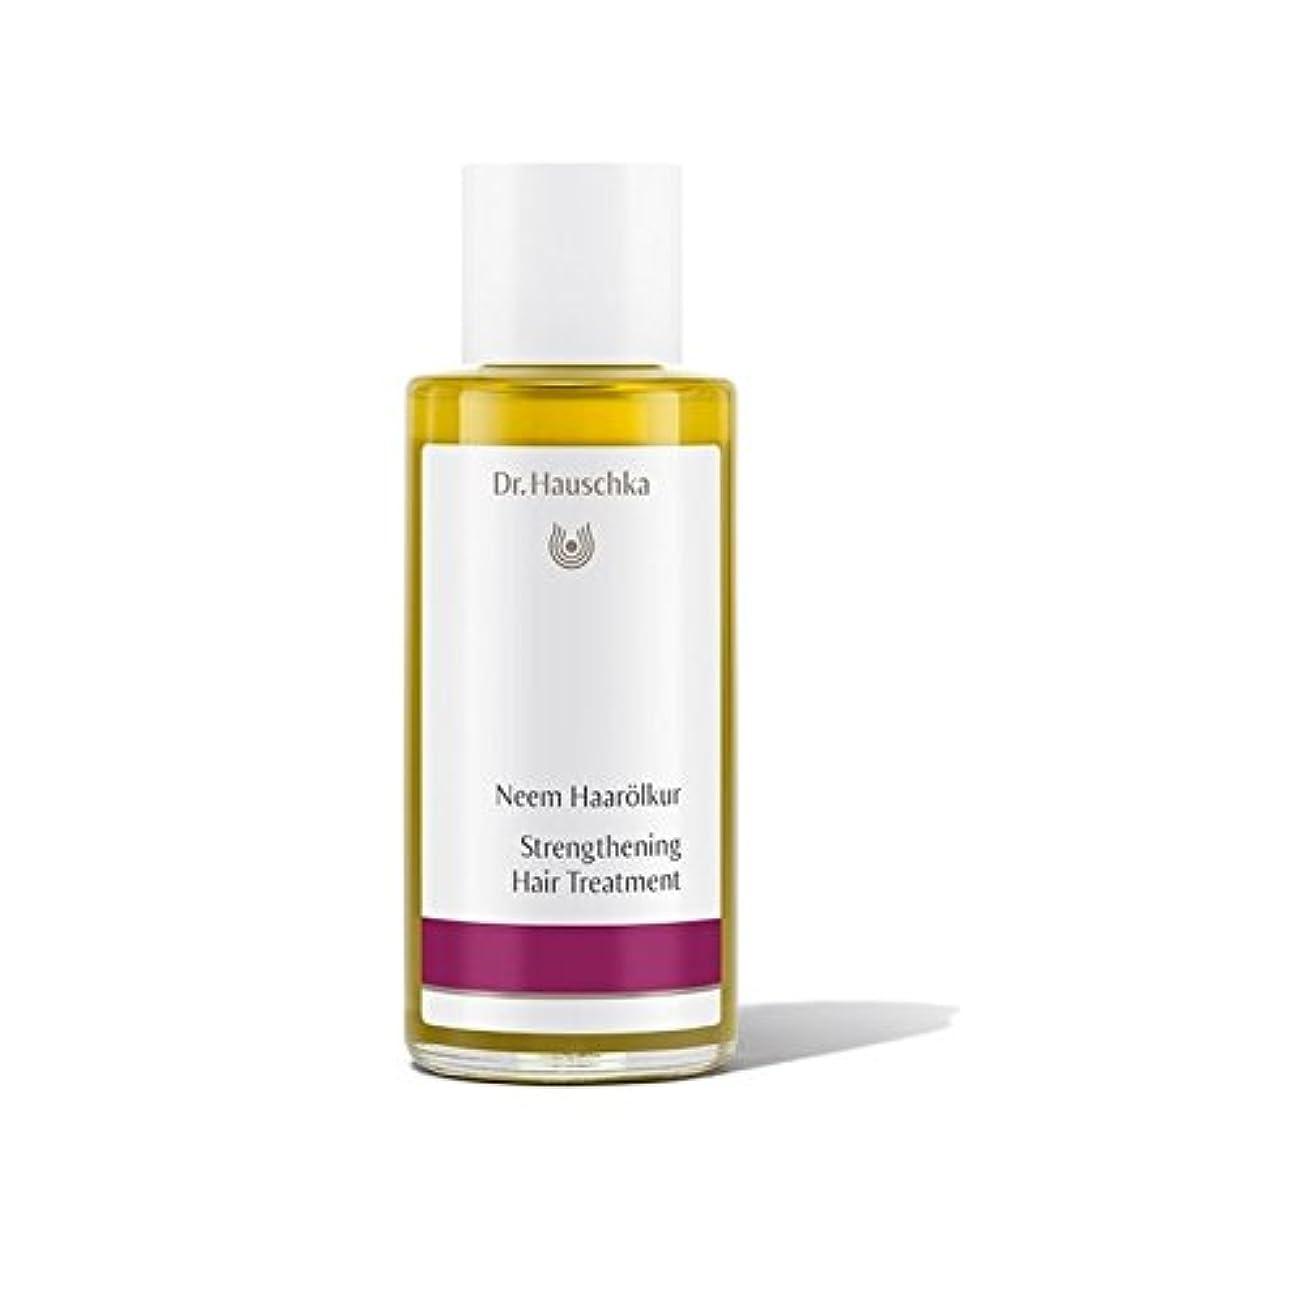 モットー強化今後Dr. Hauschka Strengthening Hair Treatment (100ml) (Pack of 6) - ハウシュカ強化ヘアトリートメント(100ミリリットル) x6 [並行輸入品]